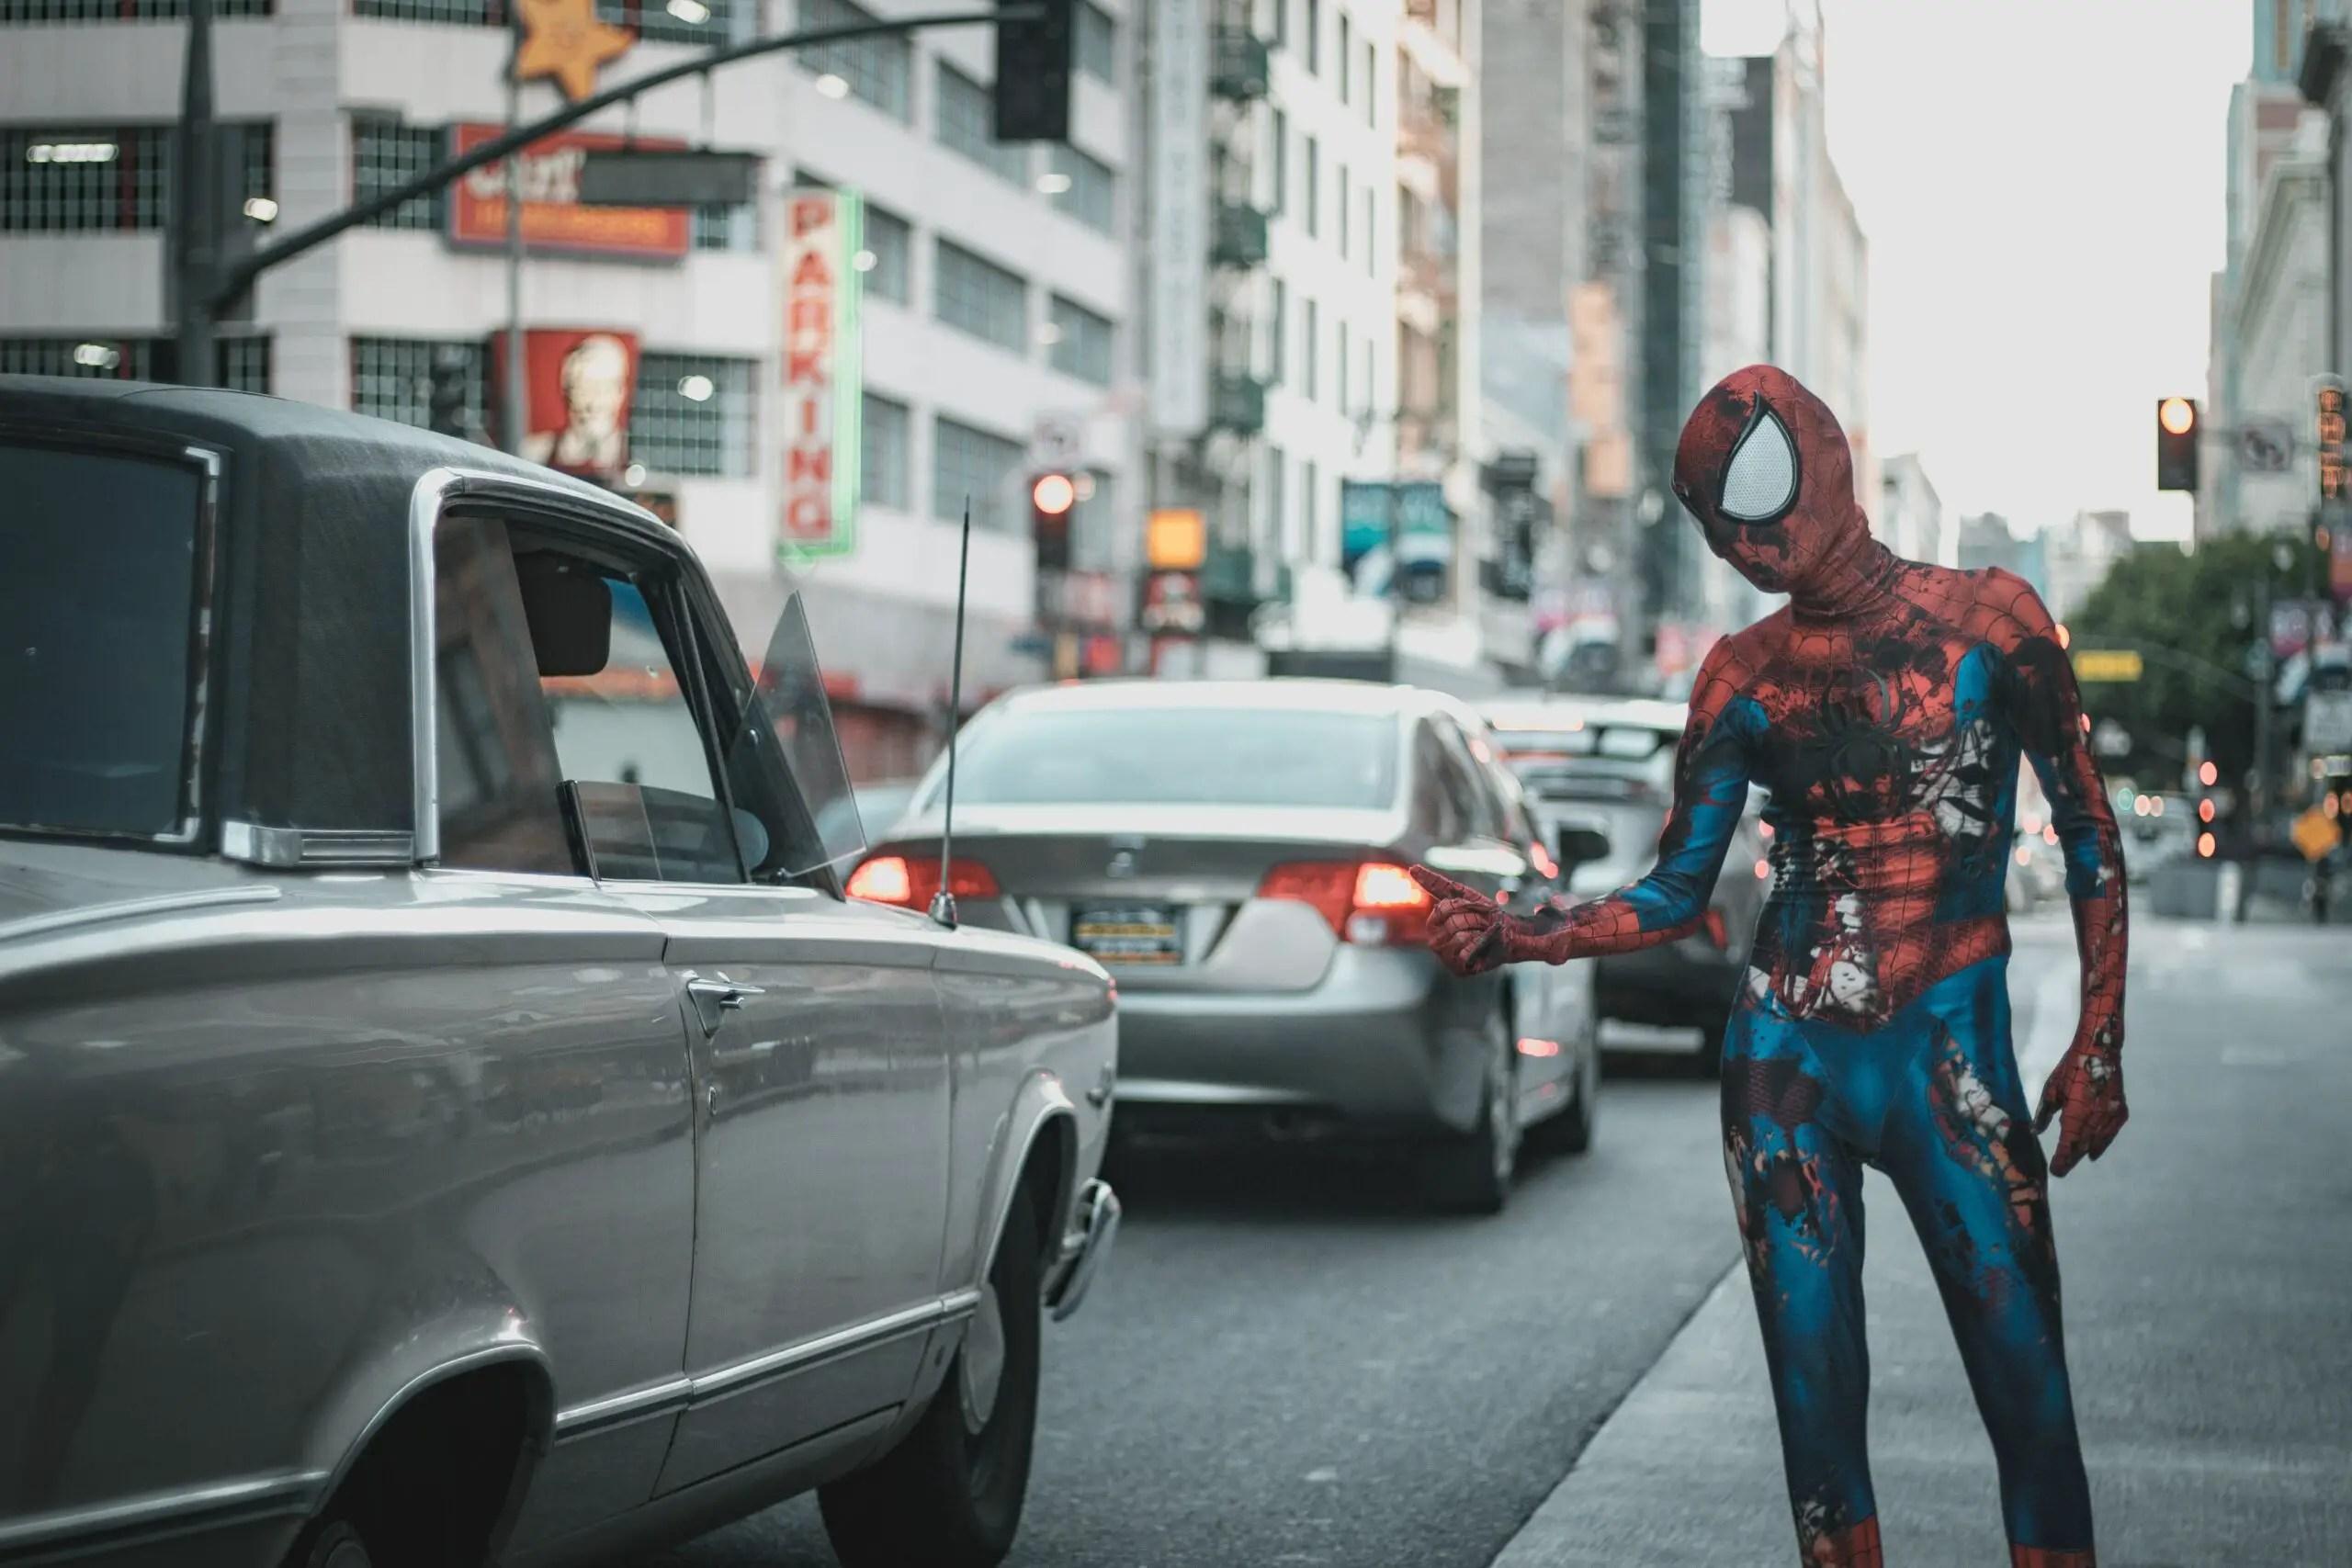 Spider man achtergrond